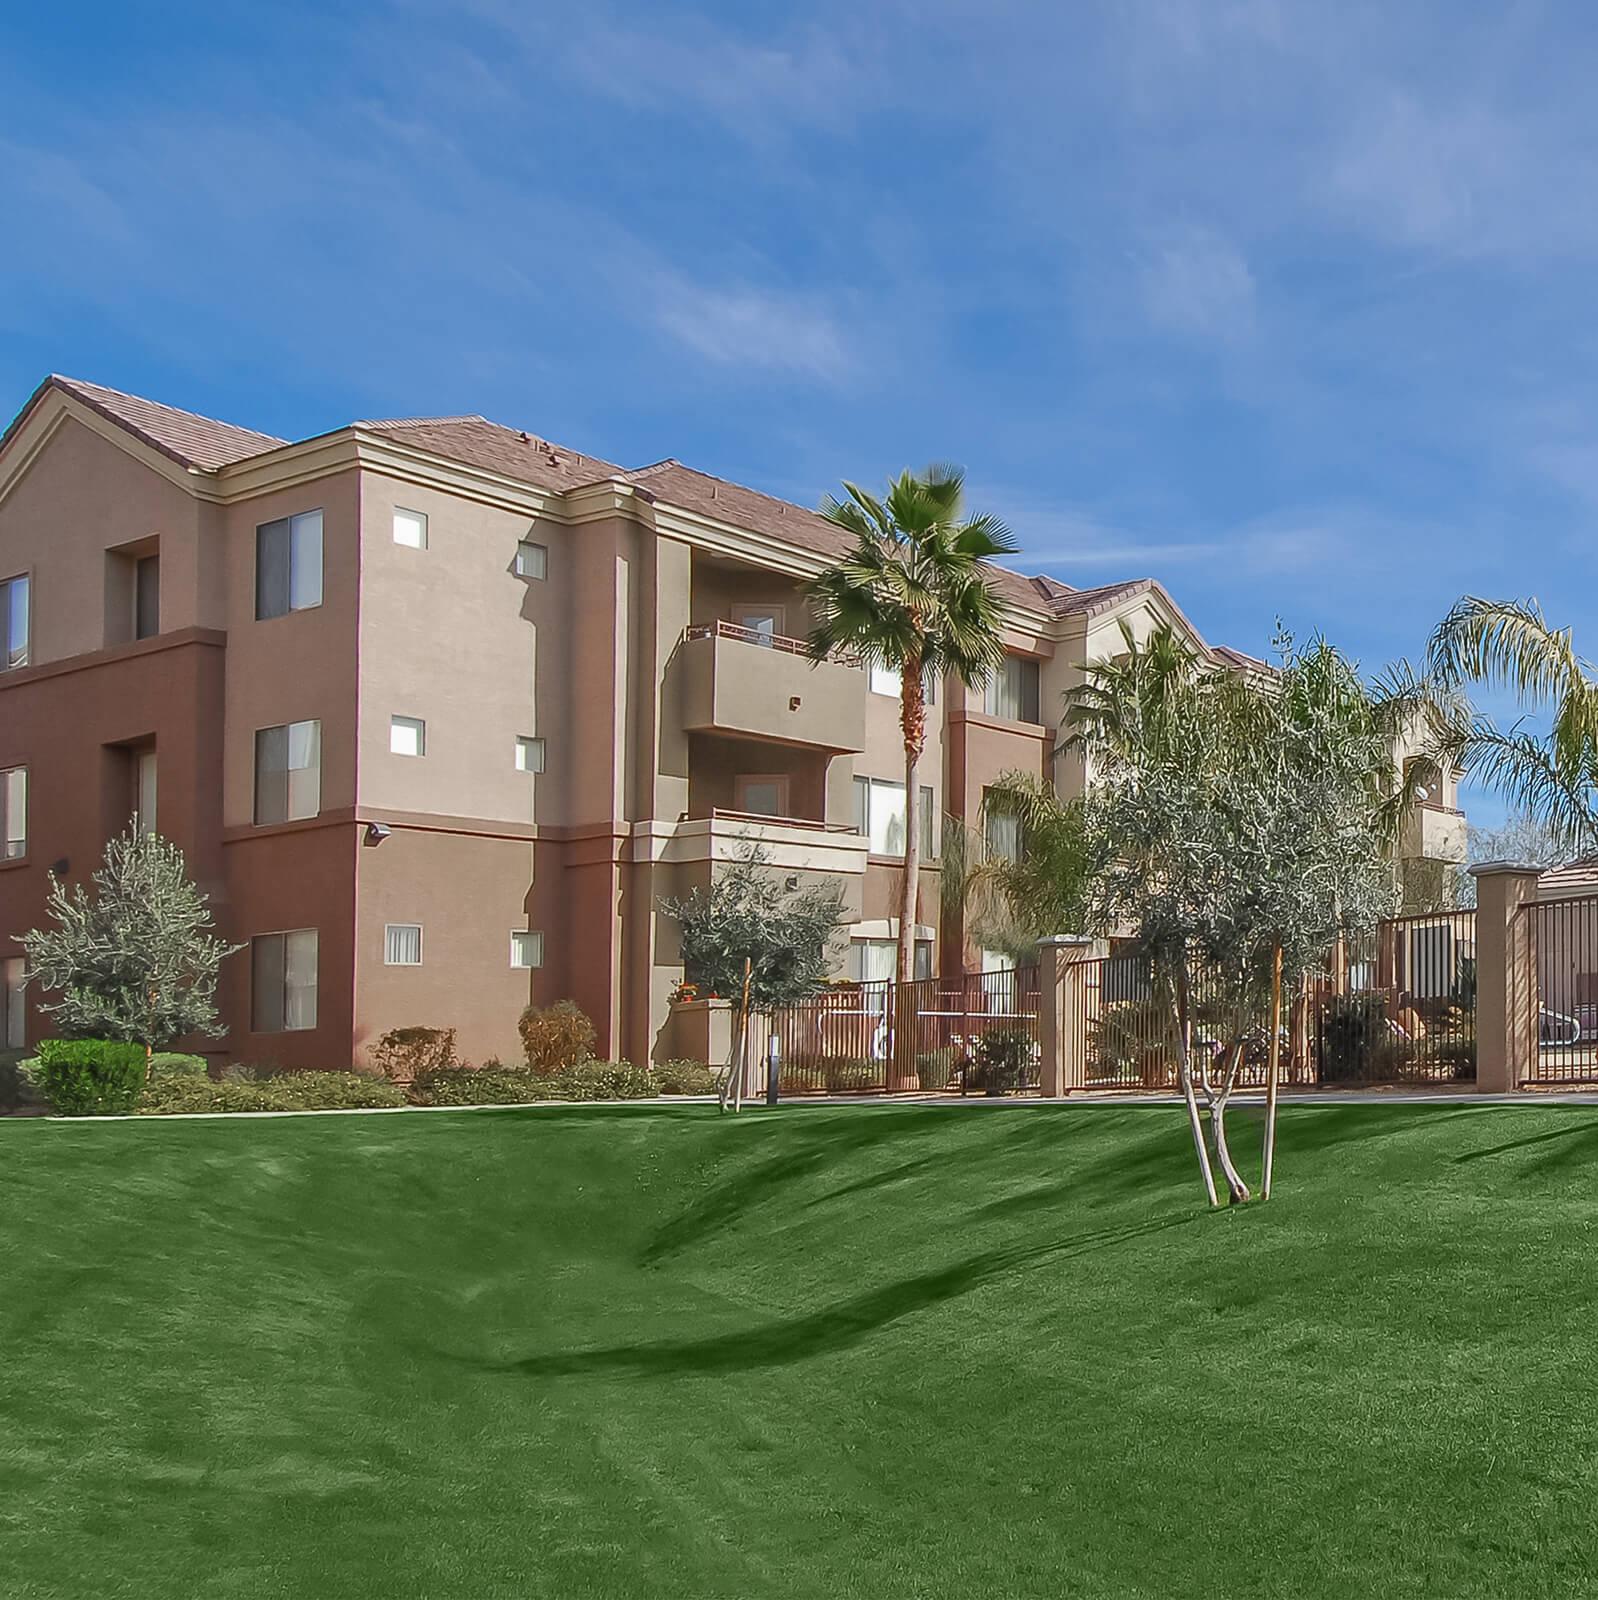 Condominium Homes In Phoenix, AZ